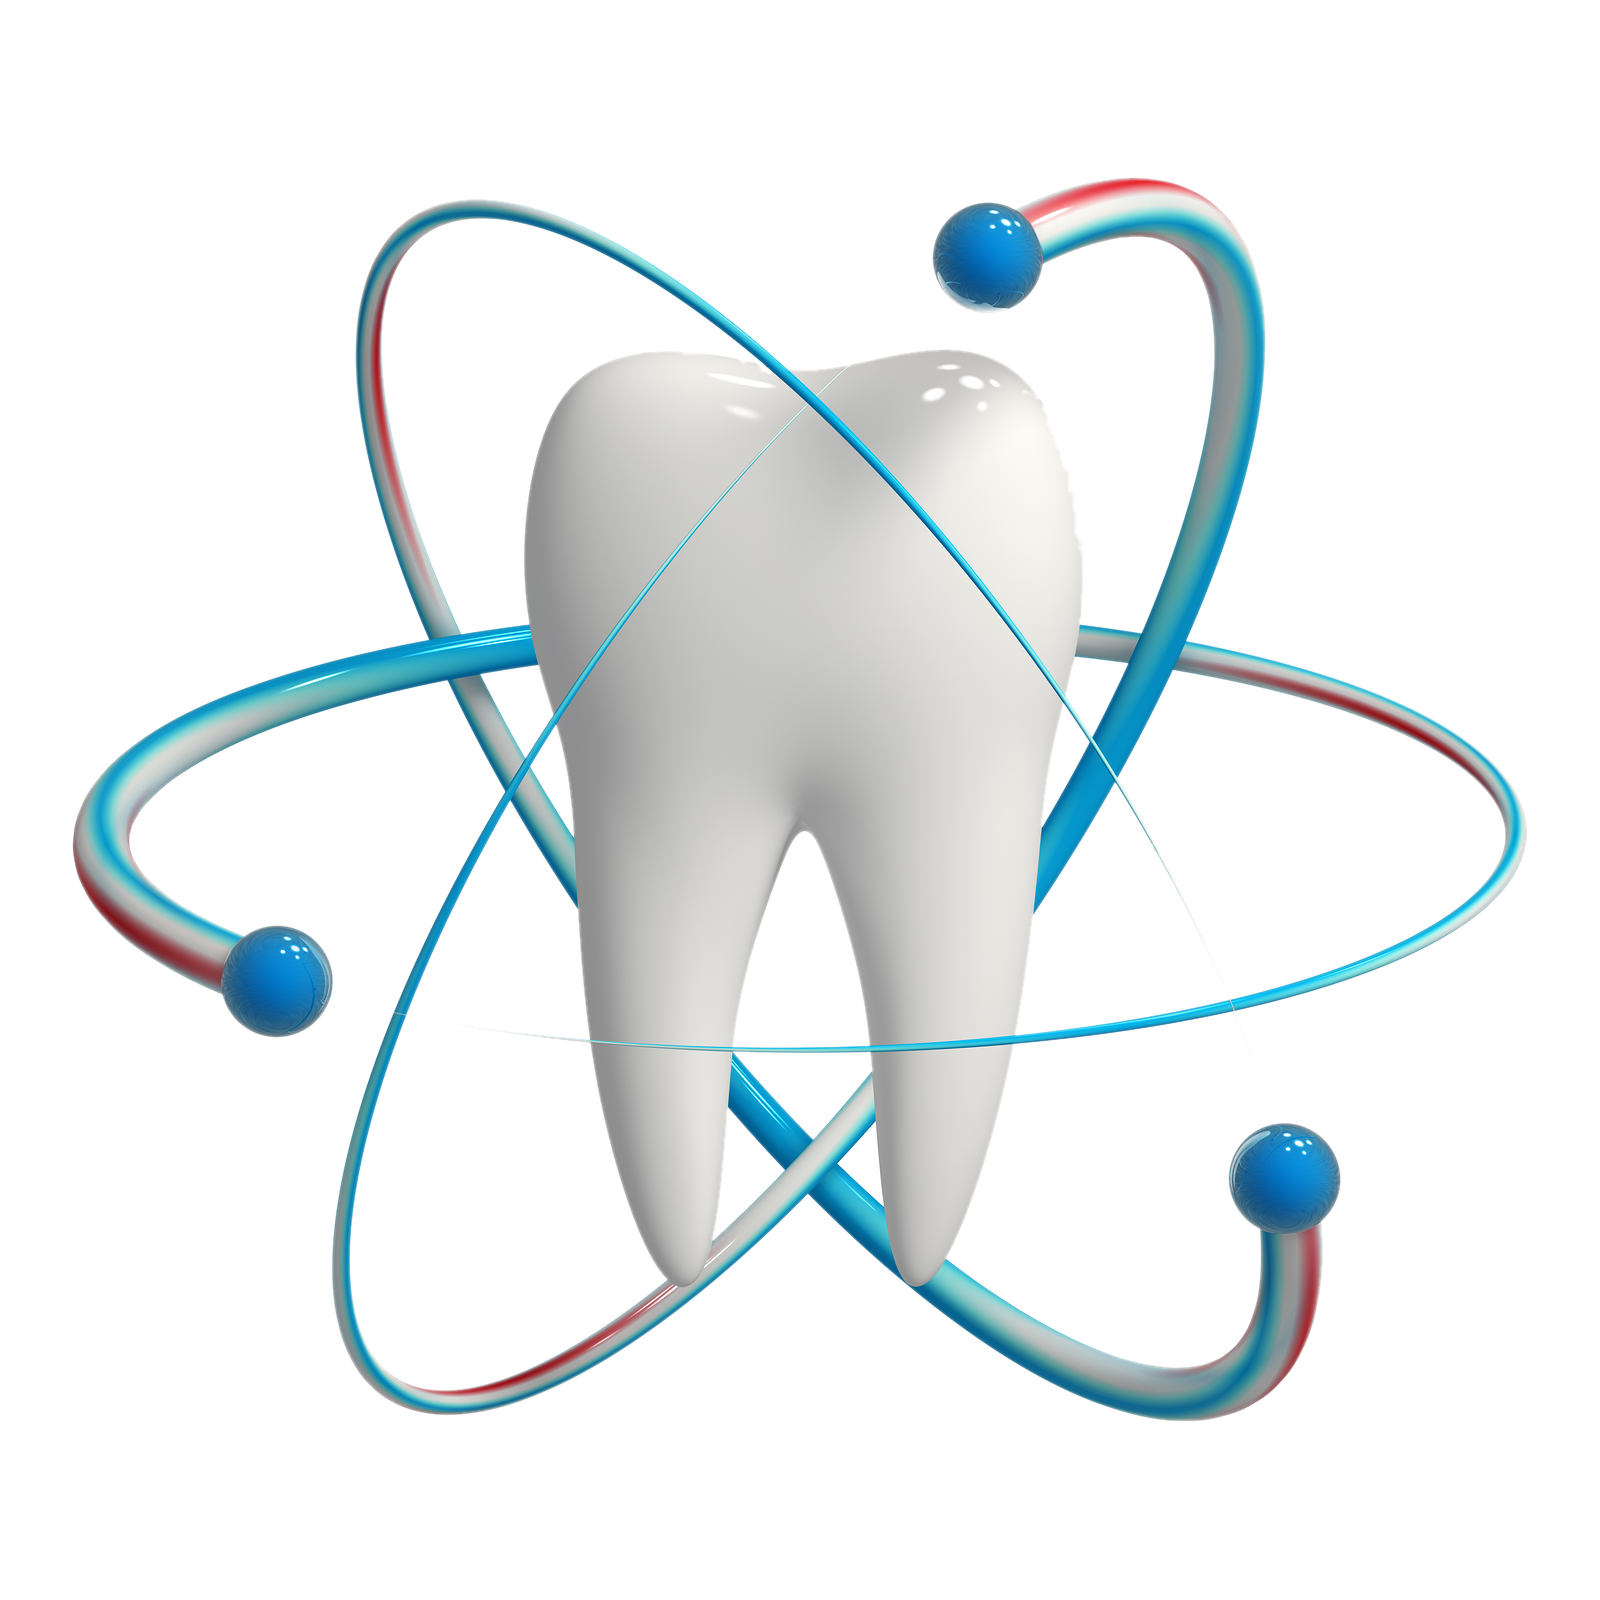 Shantamma Memorial Dental Health Care